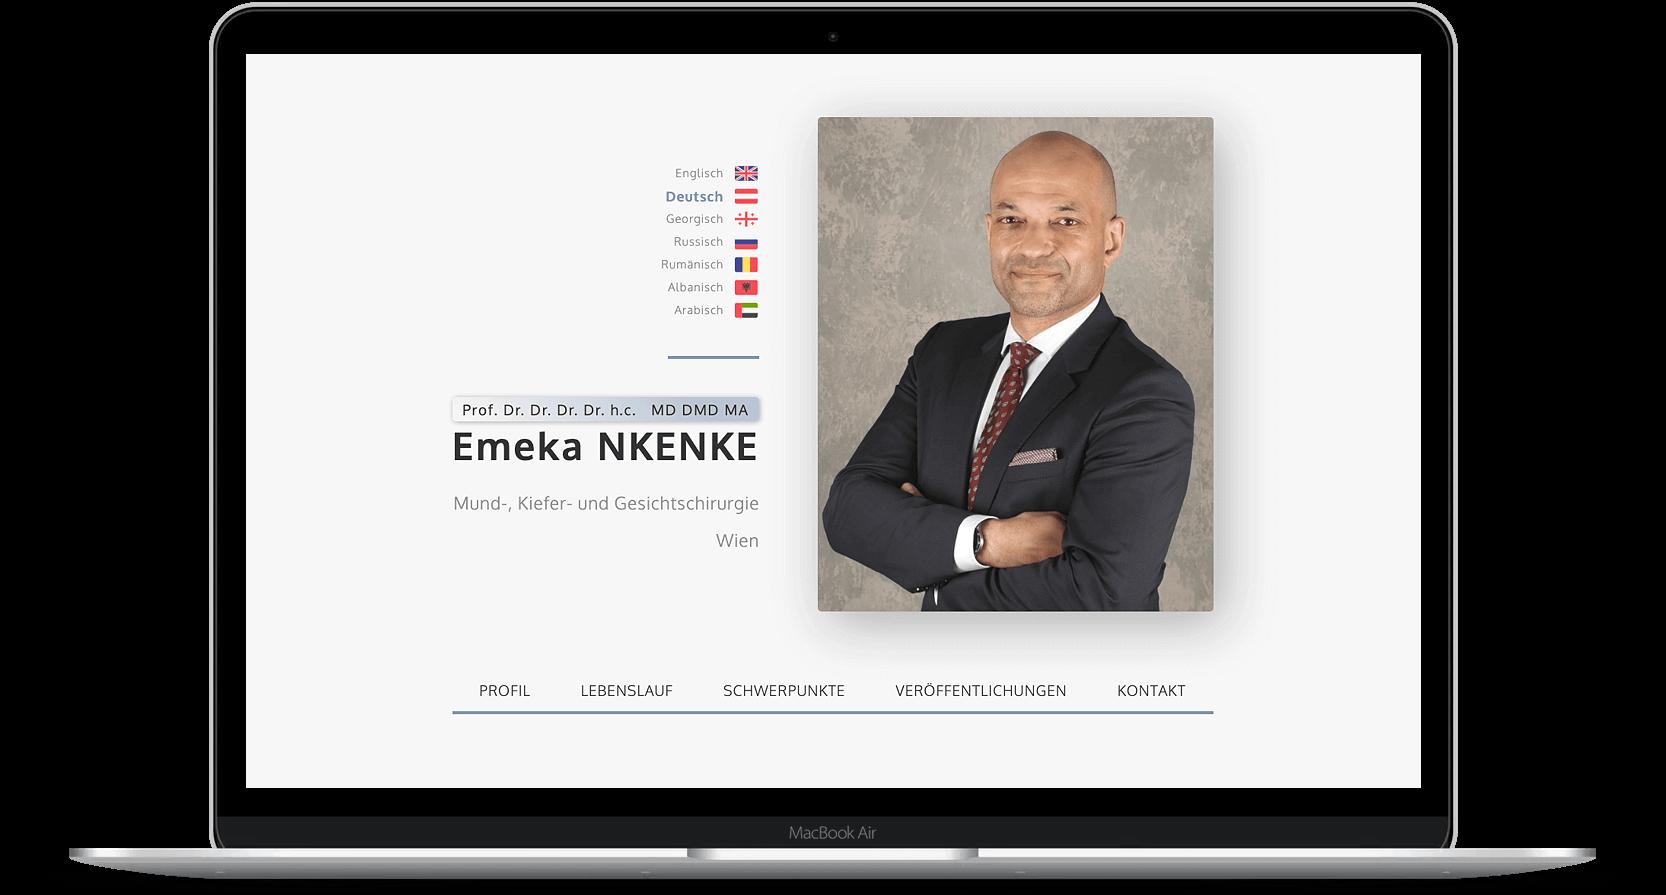 emeka-nkenke-website